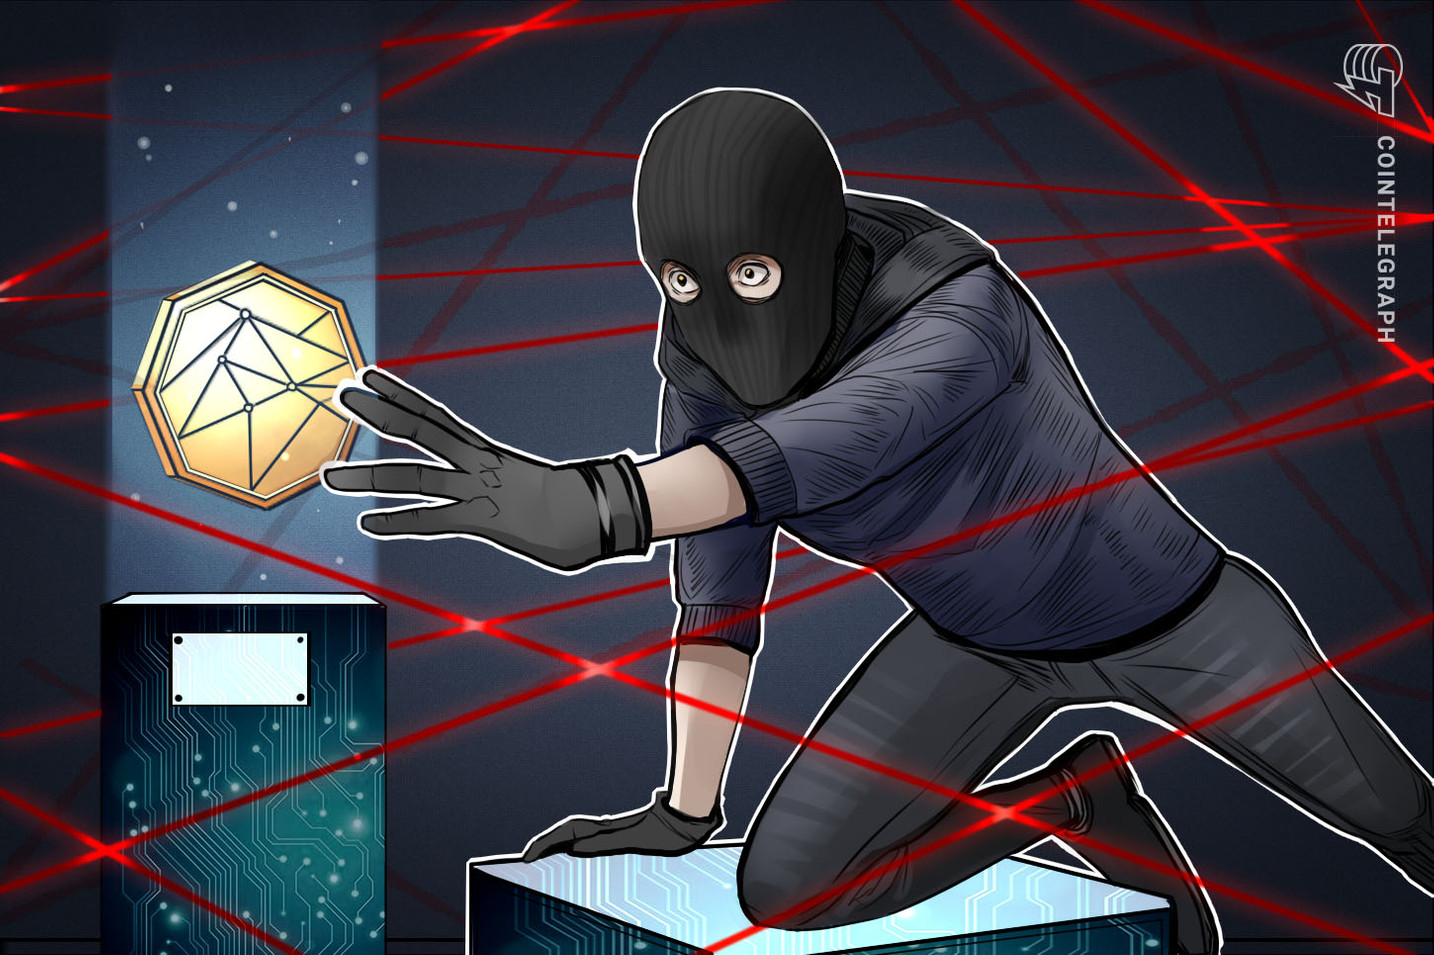 'Beaxy perdeu US$ 570.000 com XRP e pode estar se tornando insolvente' afirma analista de criptomoedas